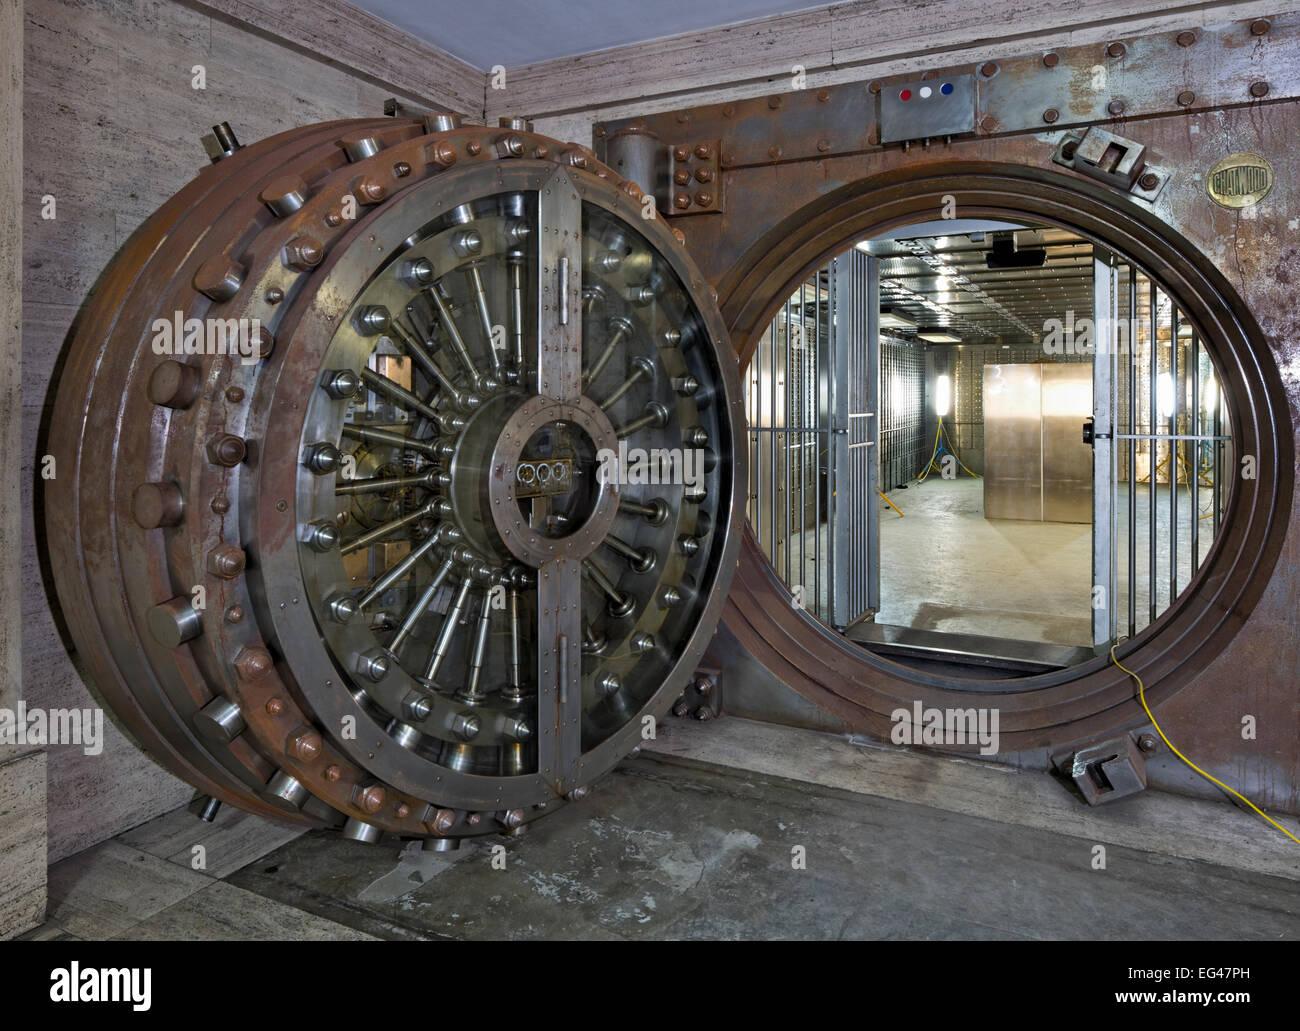 Grande porte d\'une chambre forte de banque Banque désaffectée Banque ...